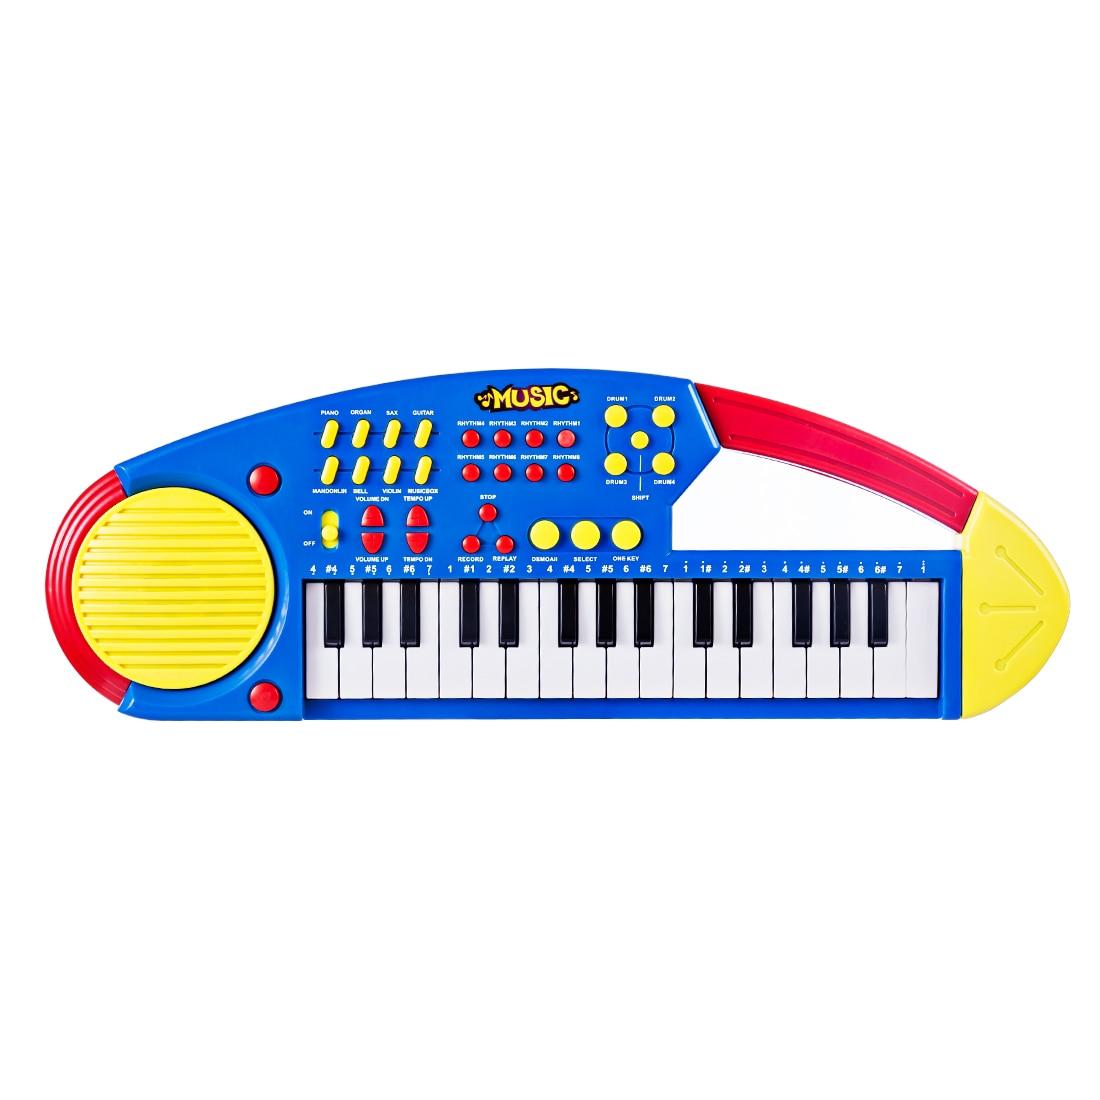 Surwish nuevo 32 teclado electrónico Piano instrumentos musicales de juguete para niños-amarillo + azul